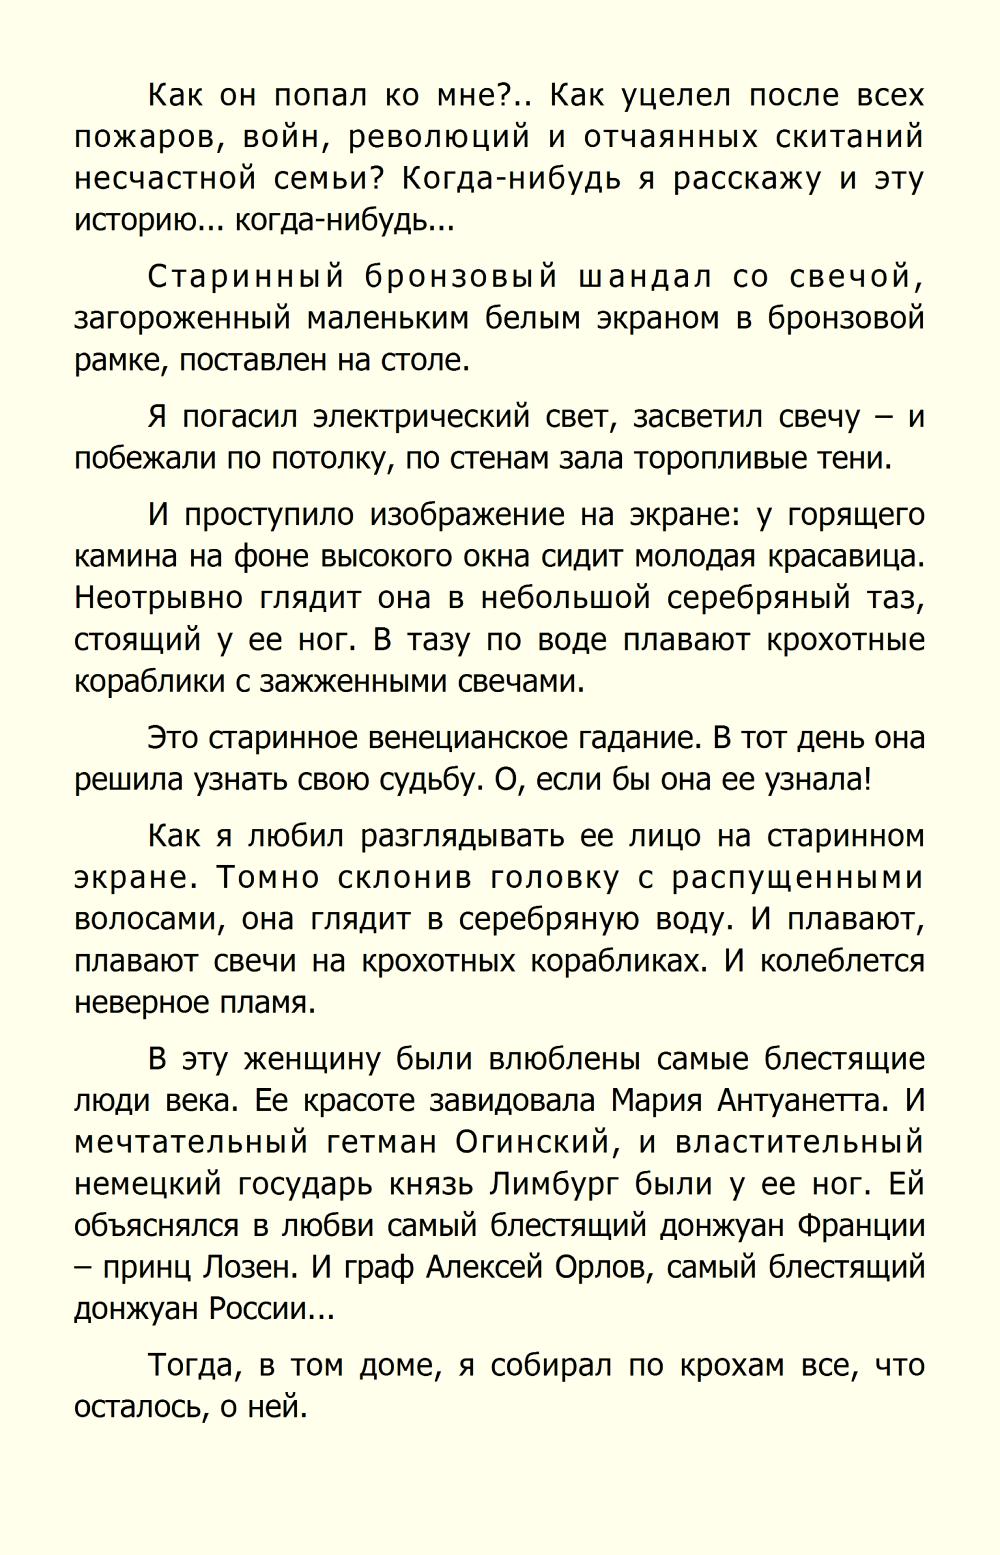 http://i3.imageban.ru/out/2013/11/10/2228b72055cbb1a1188bdc86ddeef541.jpg